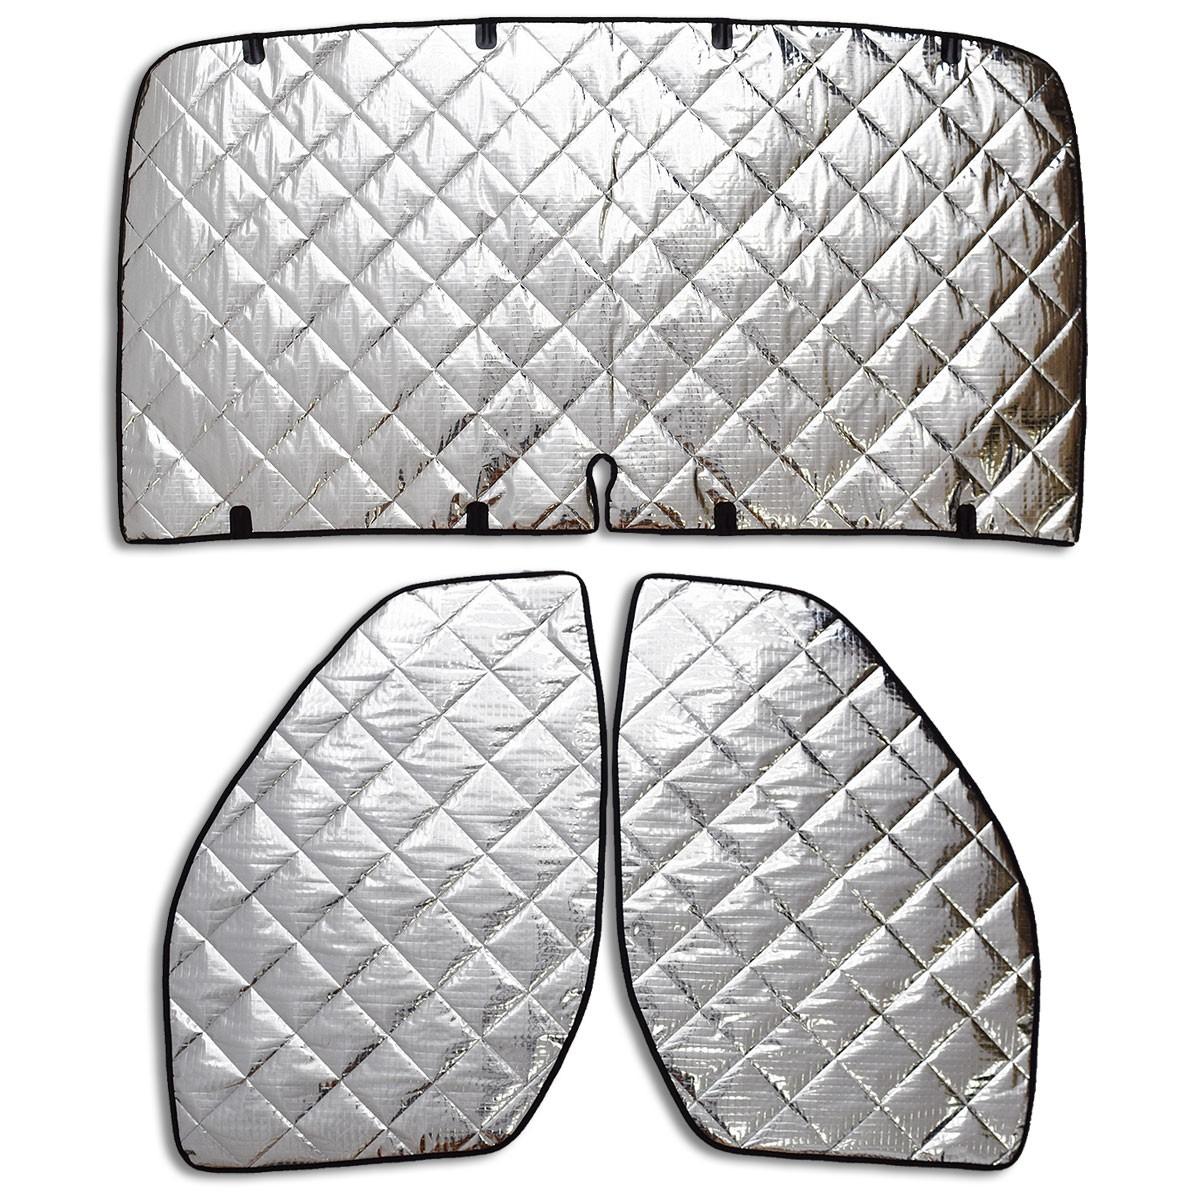 Isotherm DeLuxe 7-lagig Abdeckung für Front -und Seitenscheiben inkl. Transporttasche